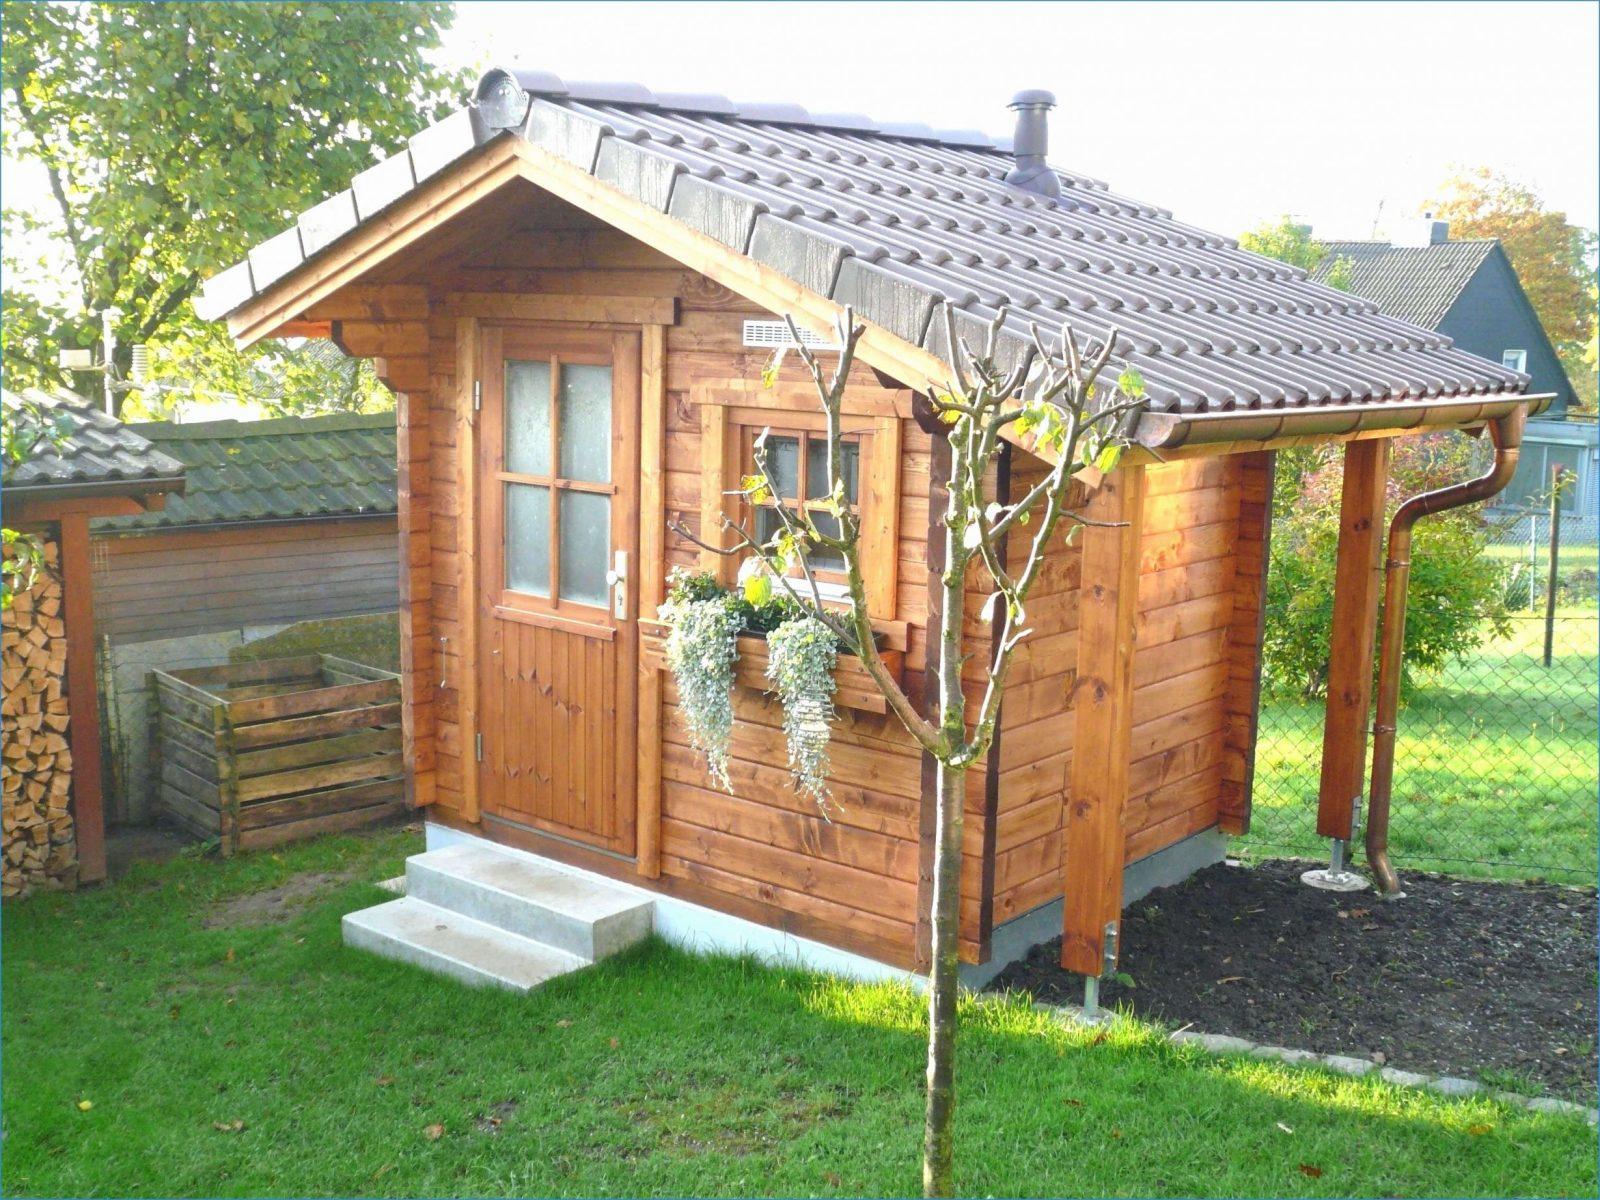 33 Neu Lager Von Kinder Holzhaus Selber Bauen Design Von von Kinder Holzhaus Selber Bauen Bild